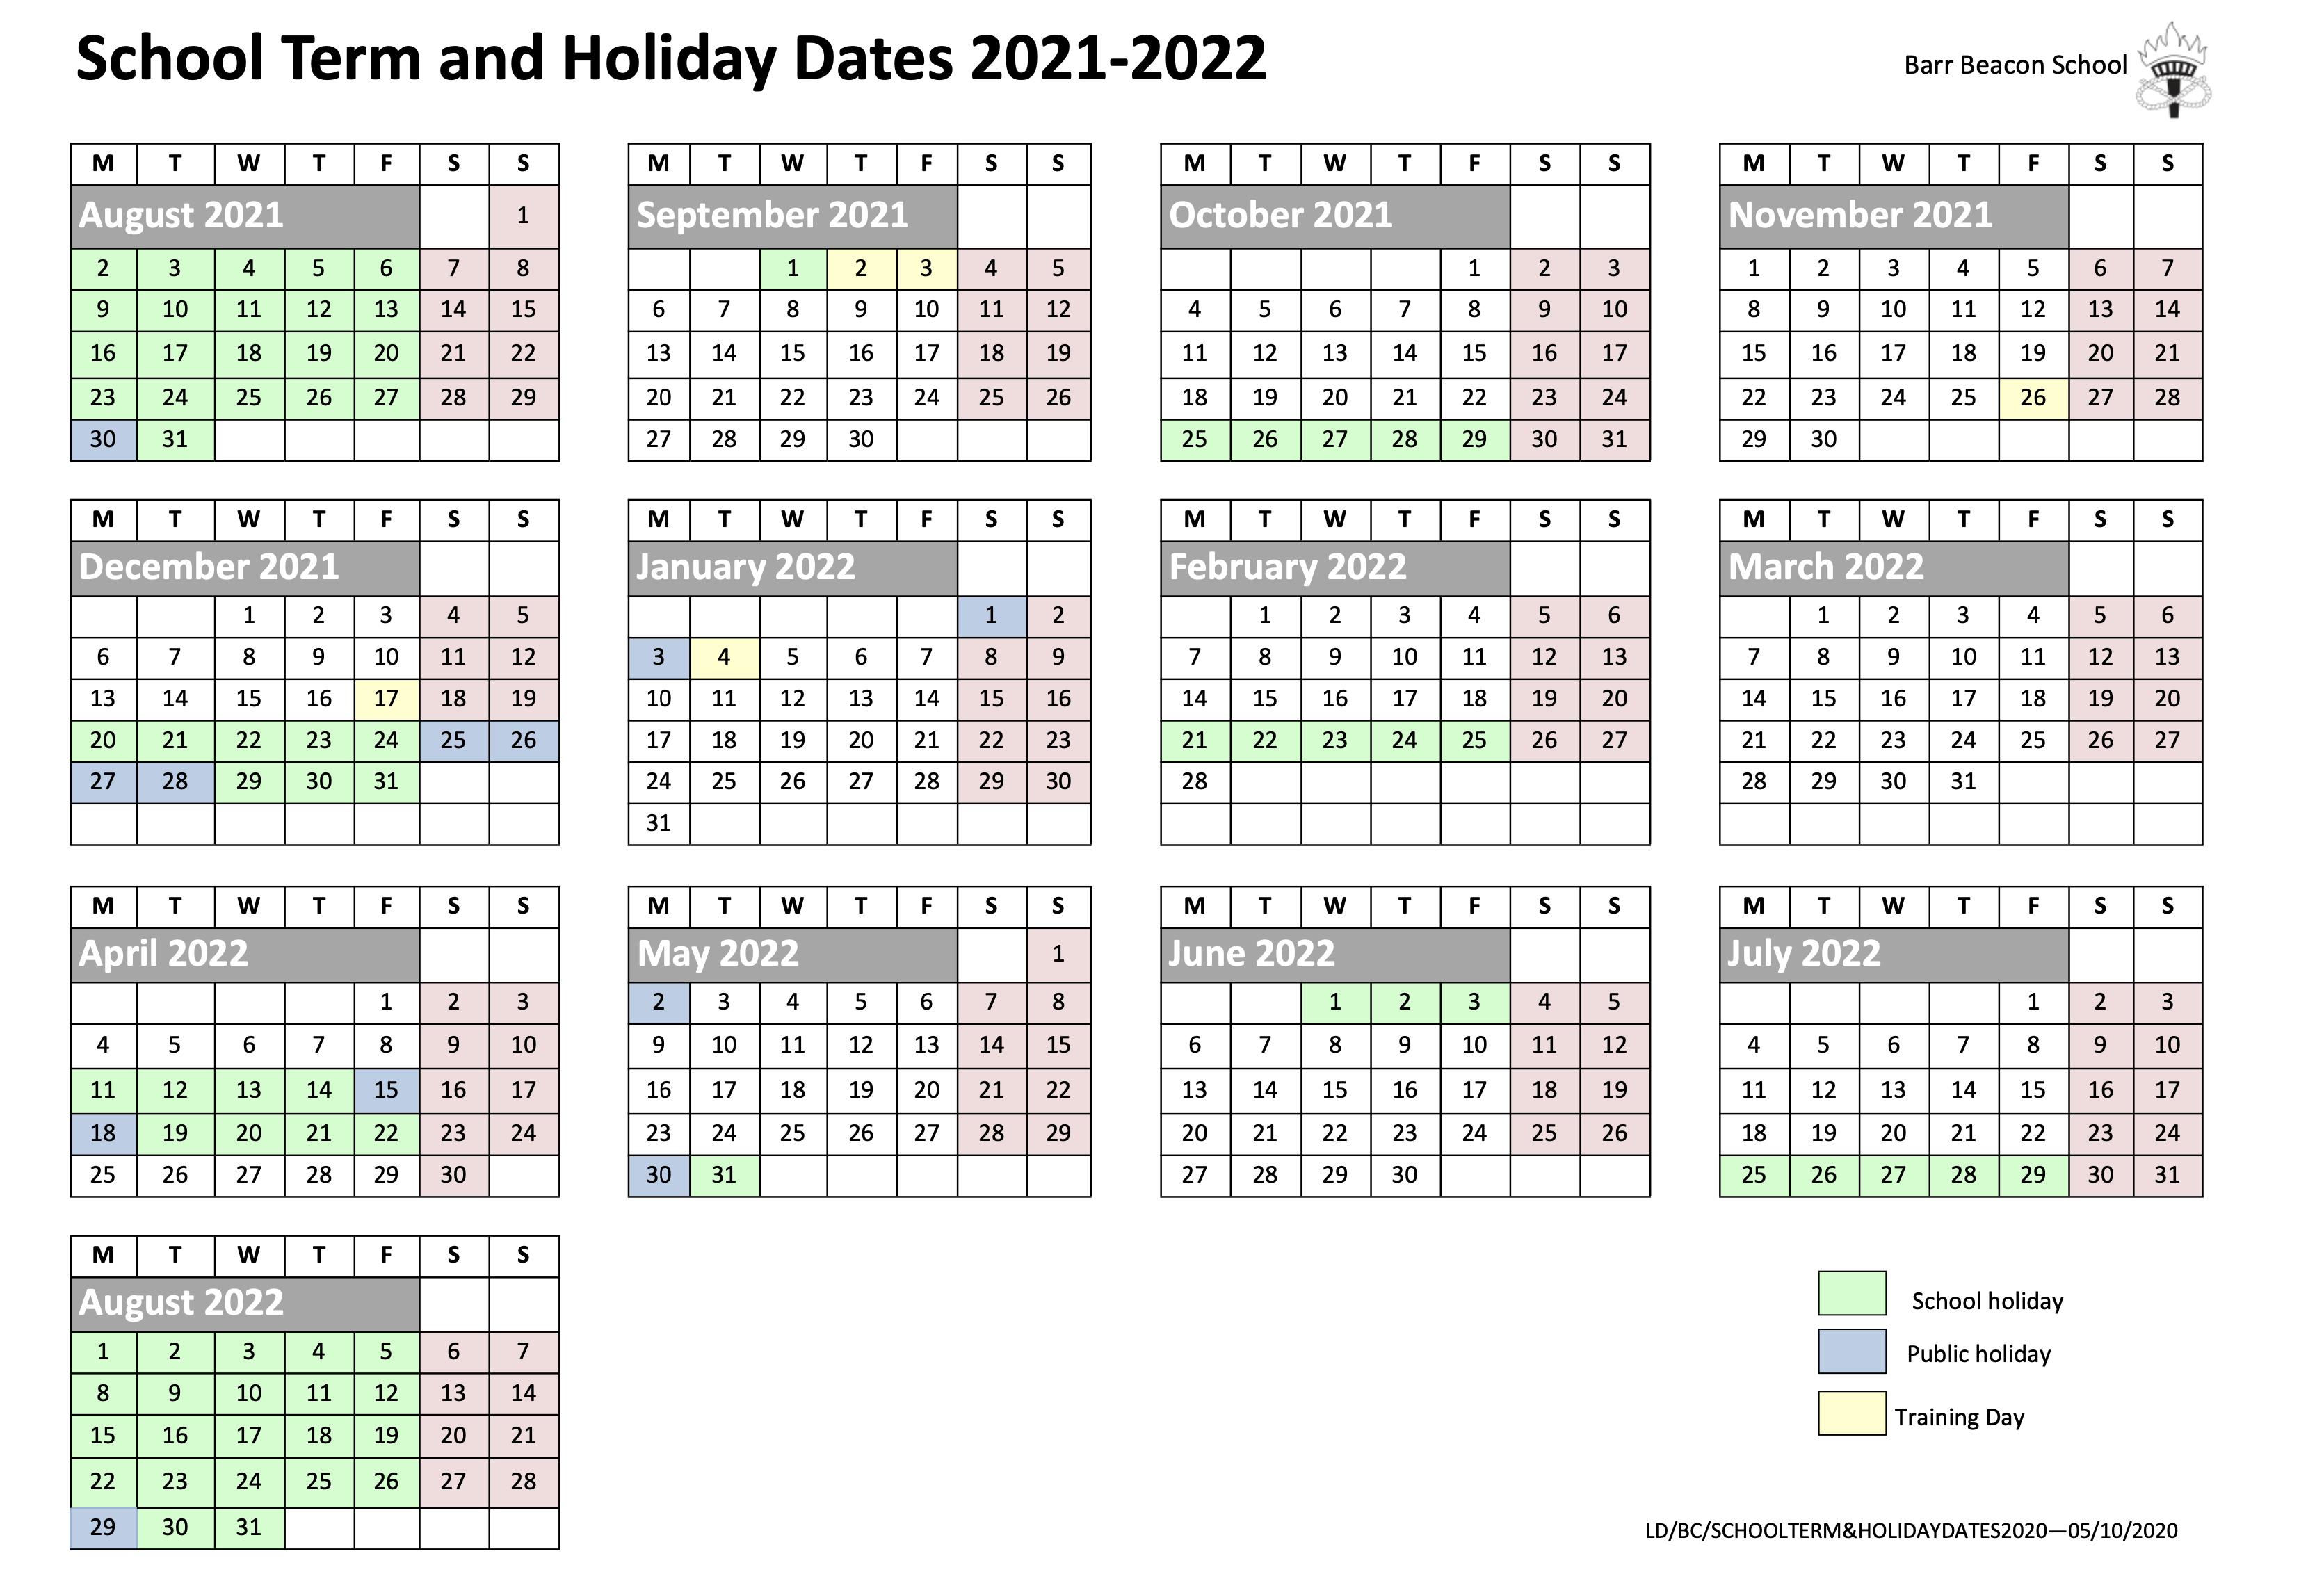 Screenshot 2021-02-26 at 10.30.17